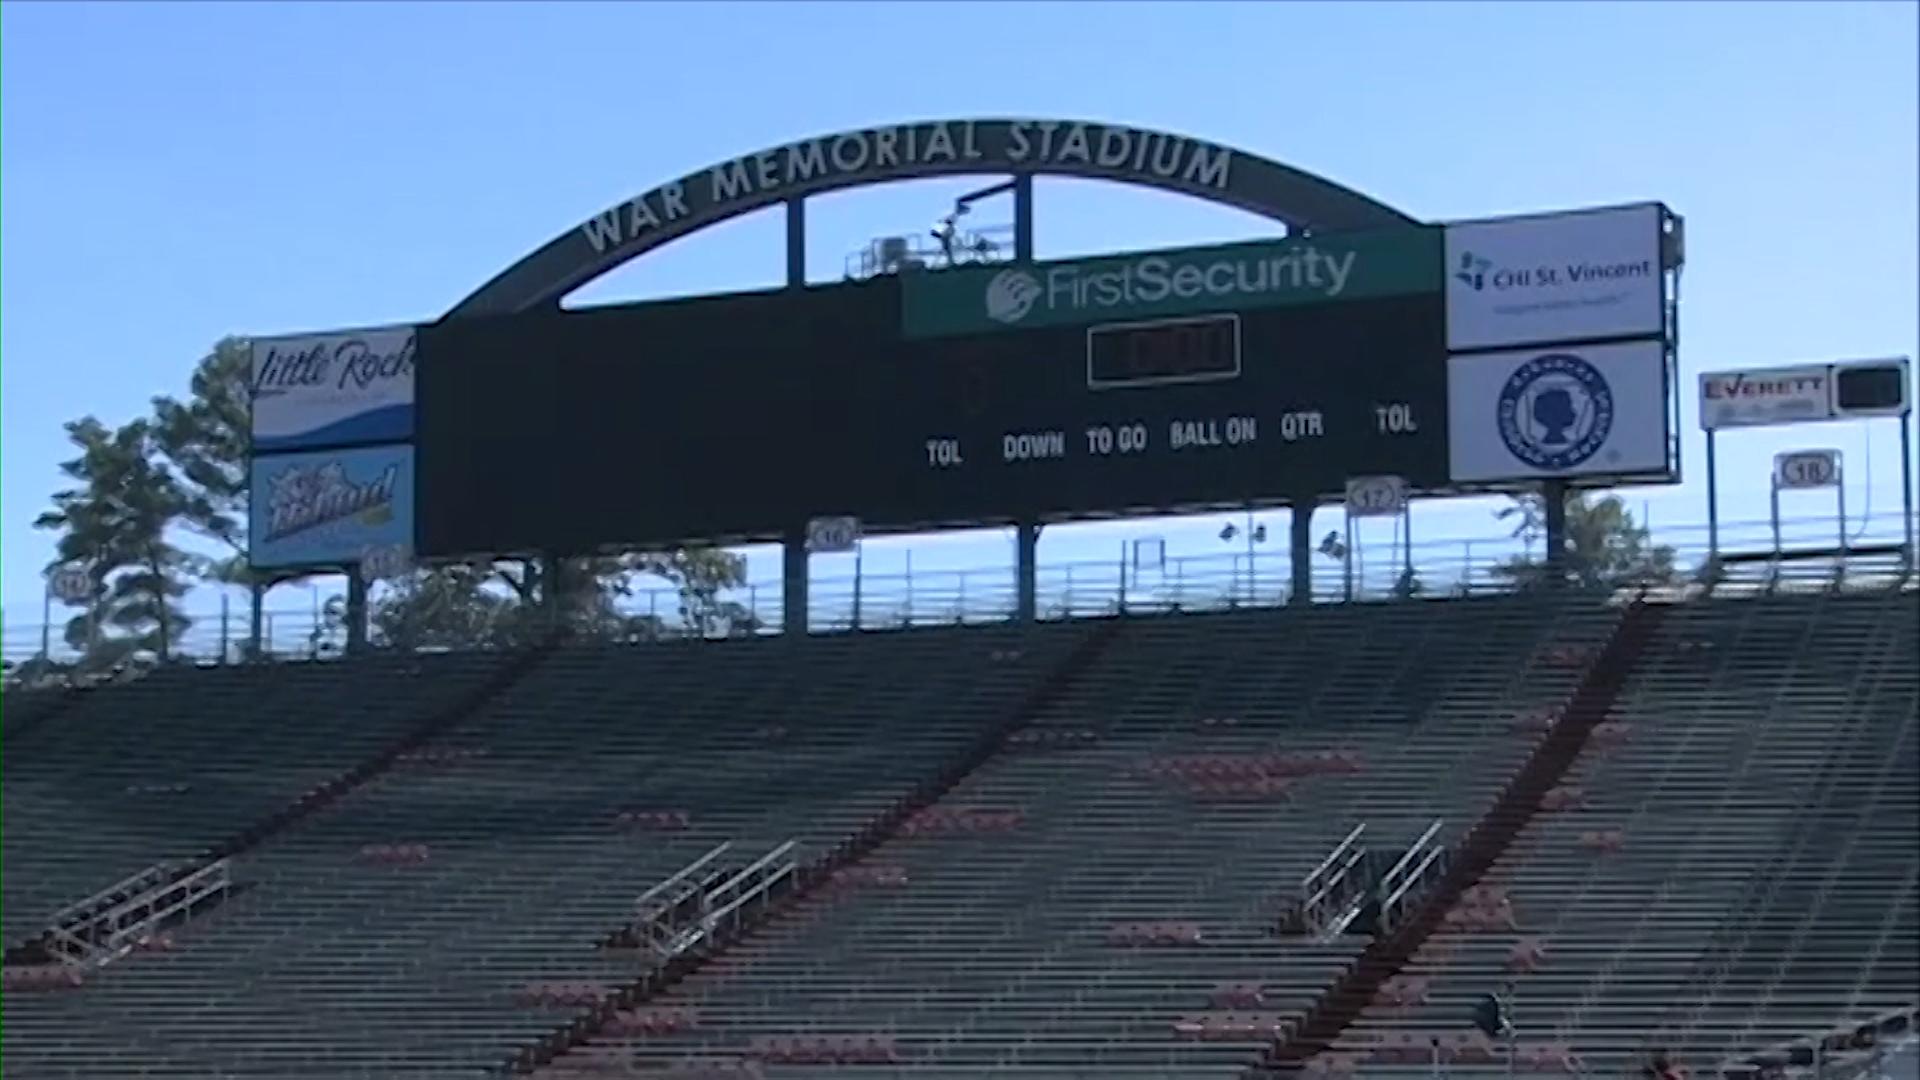 War Memorial Stadium in Little Rock